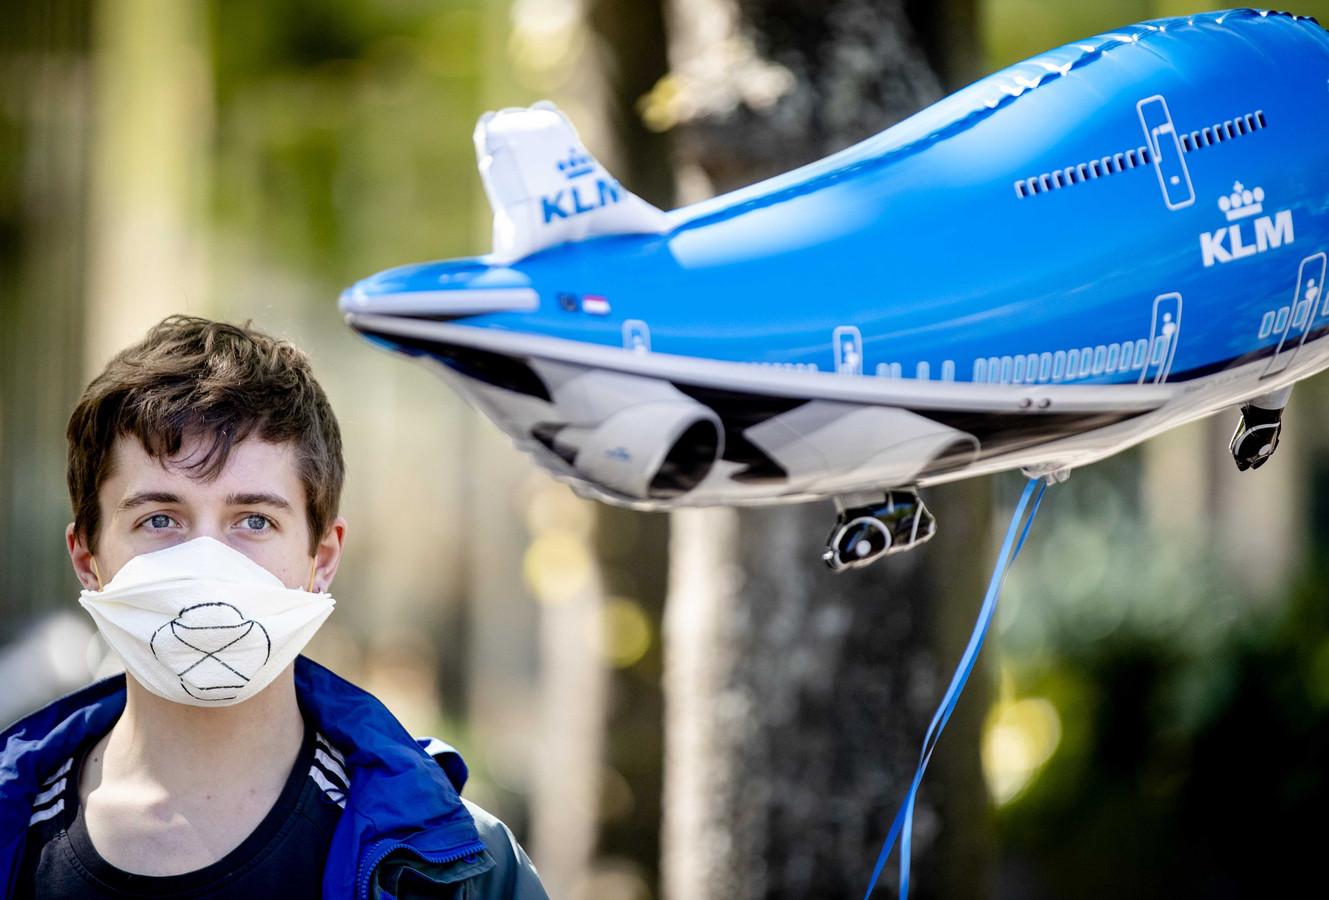 Demonstranten met ballonnen in de vorm van KLM-vliegtuigen tijdens een actie inzake de kabinetssteun aan KLM.